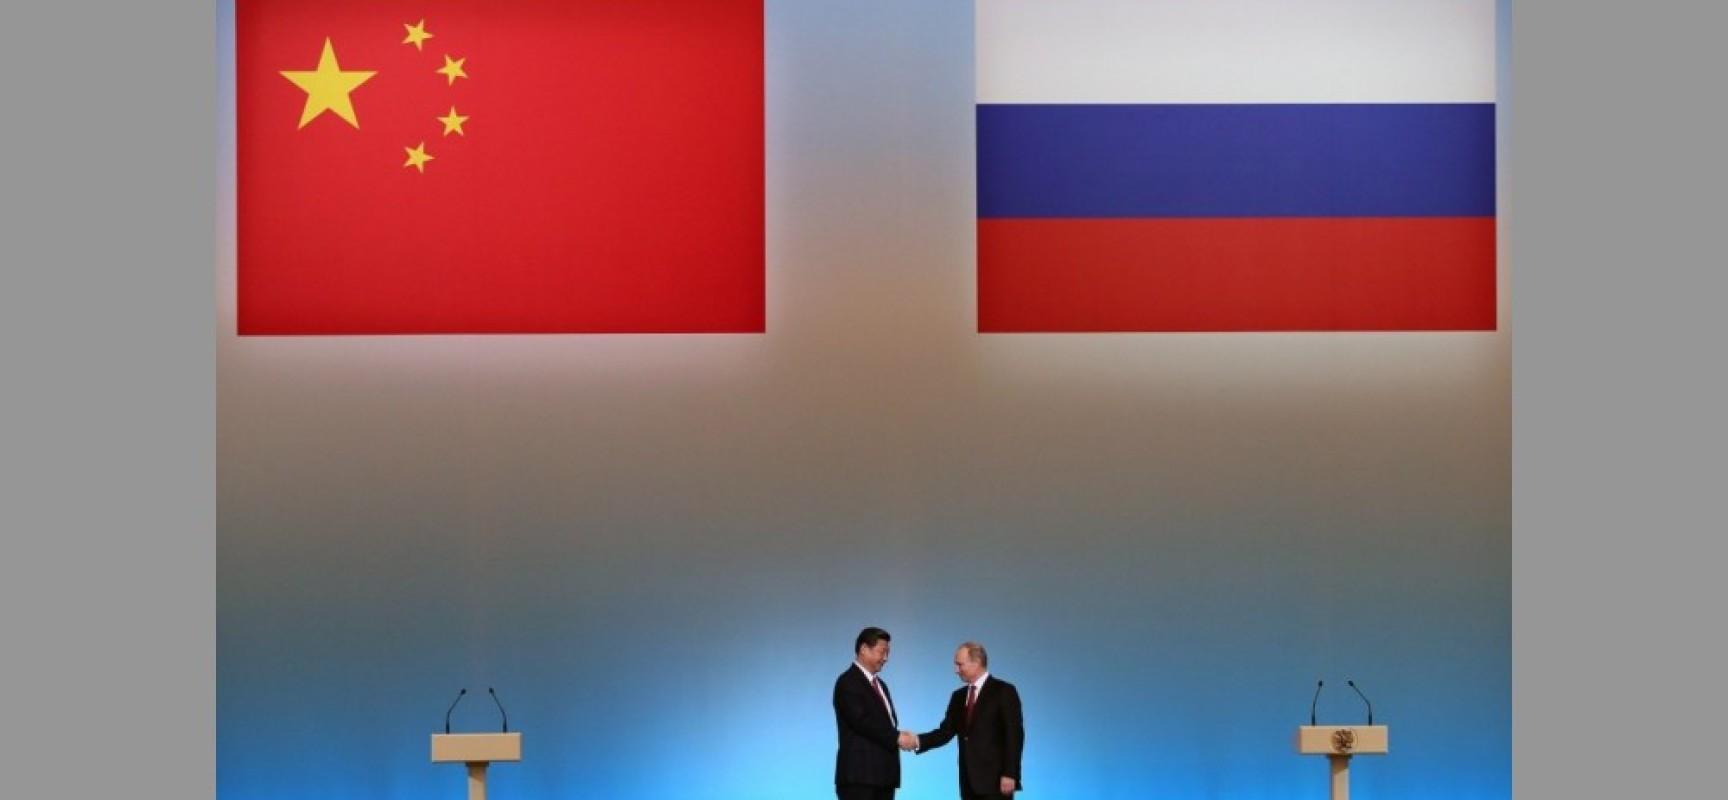 La Chine applaudit la victoire de Poutine, soutient la Russie dans l'affaire Skripal, salue le « partenariat stratégique » de la Chine avec la Russie